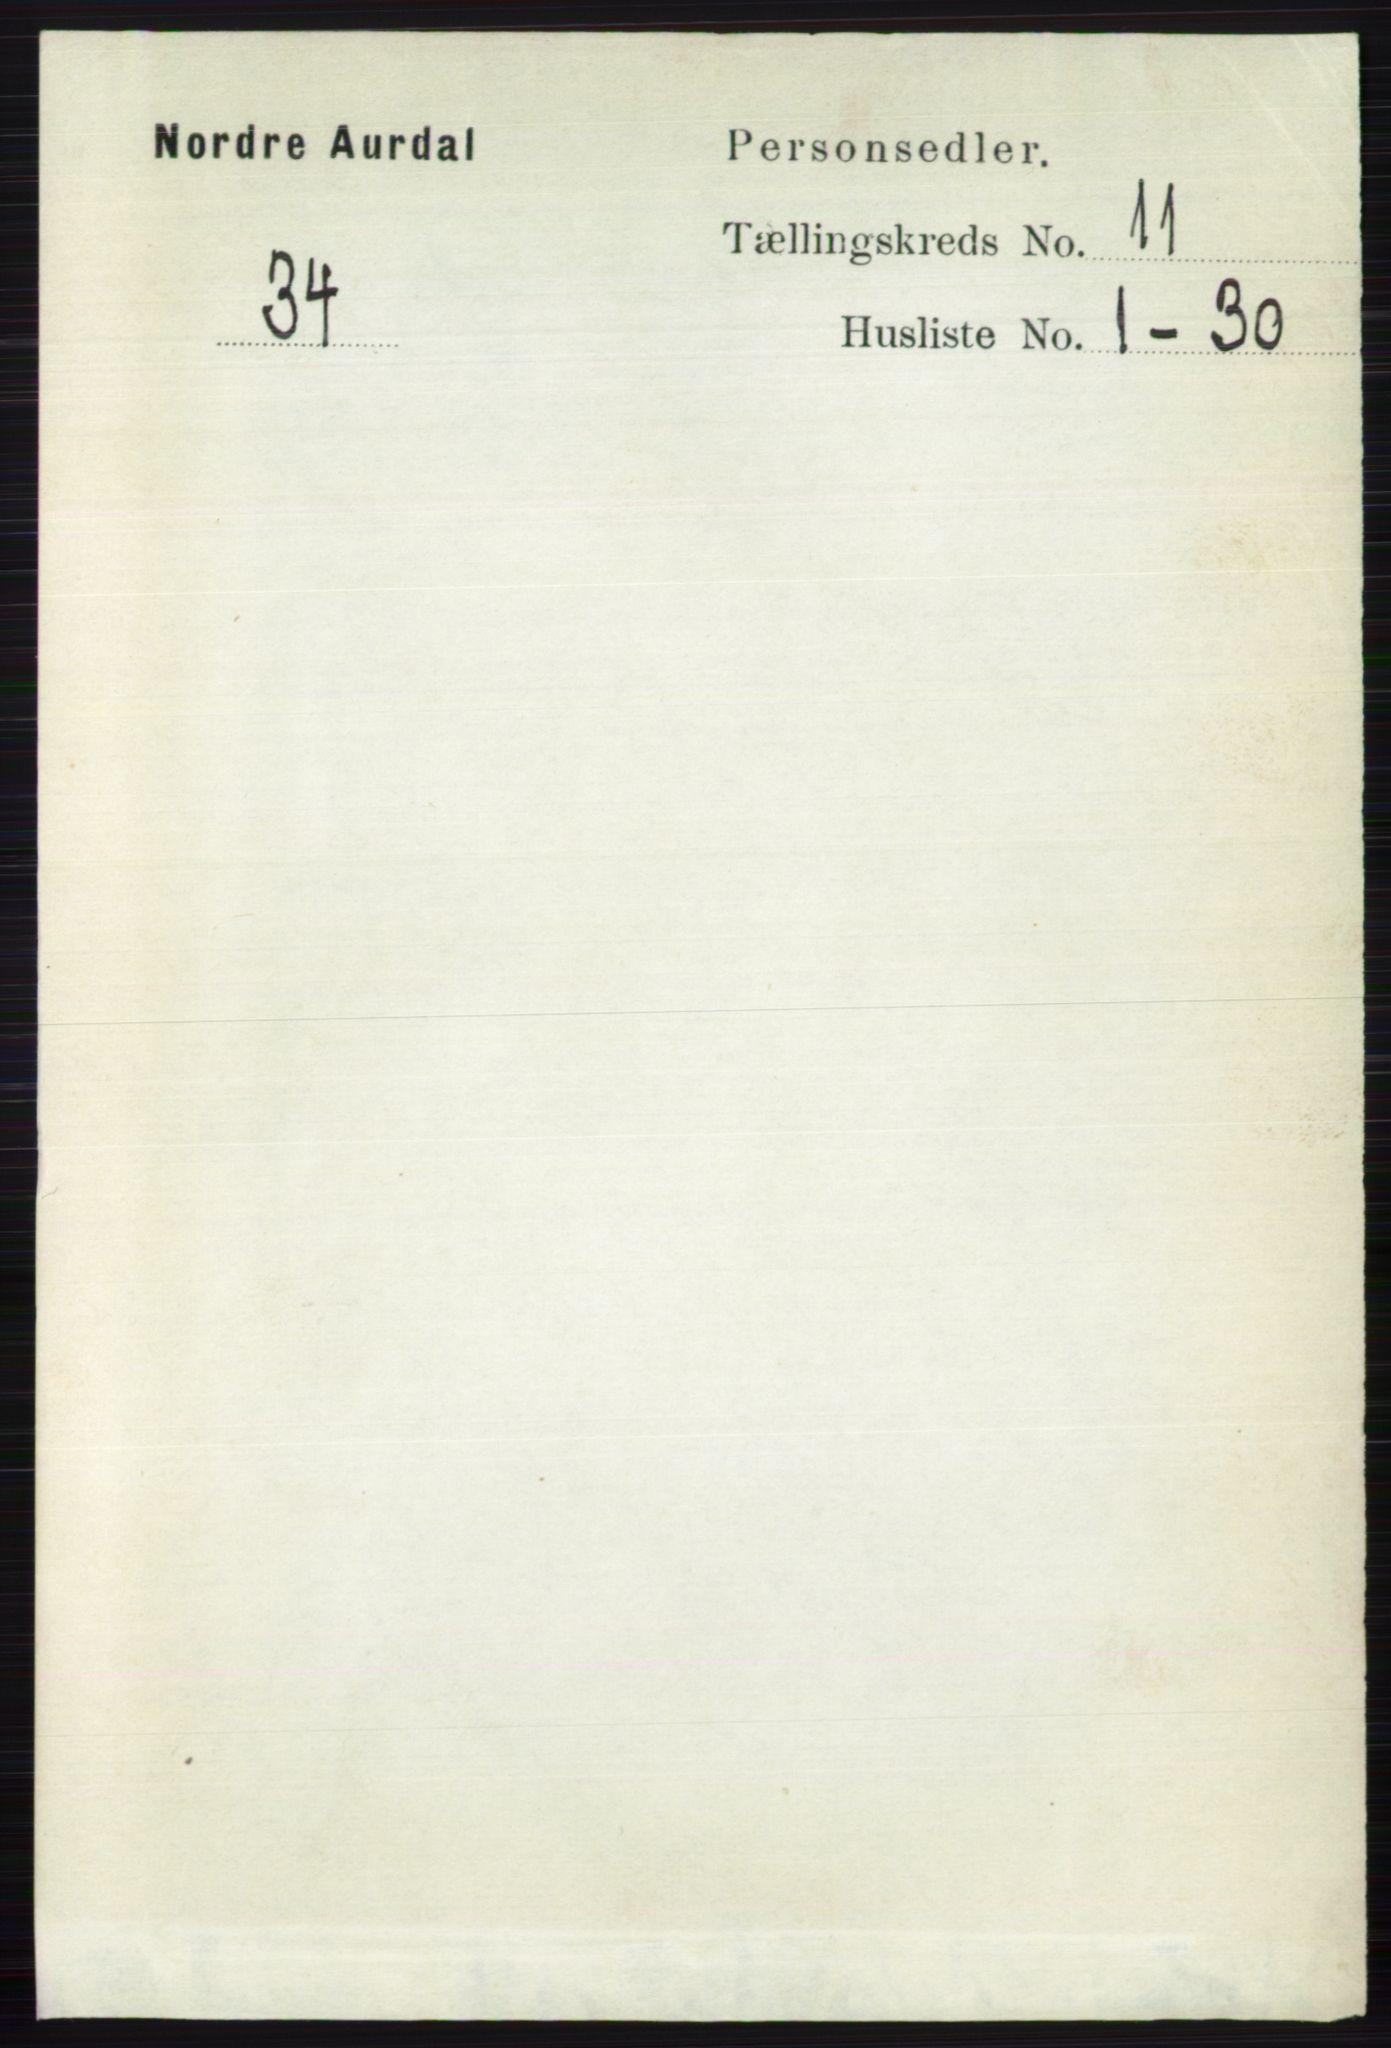 RA, Folketelling 1891 for 0542 Nord-Aurdal herred, 1891, s. 4114